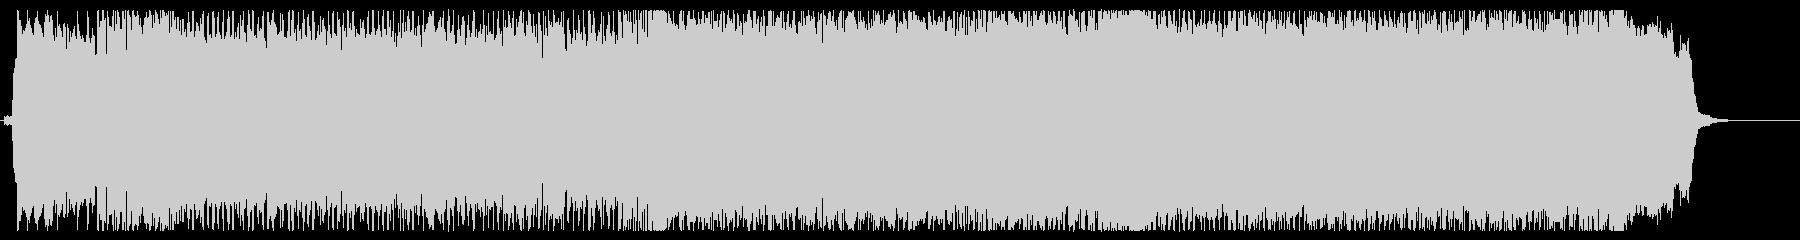 エネルギッシュで複雑なギターロックの未再生の波形